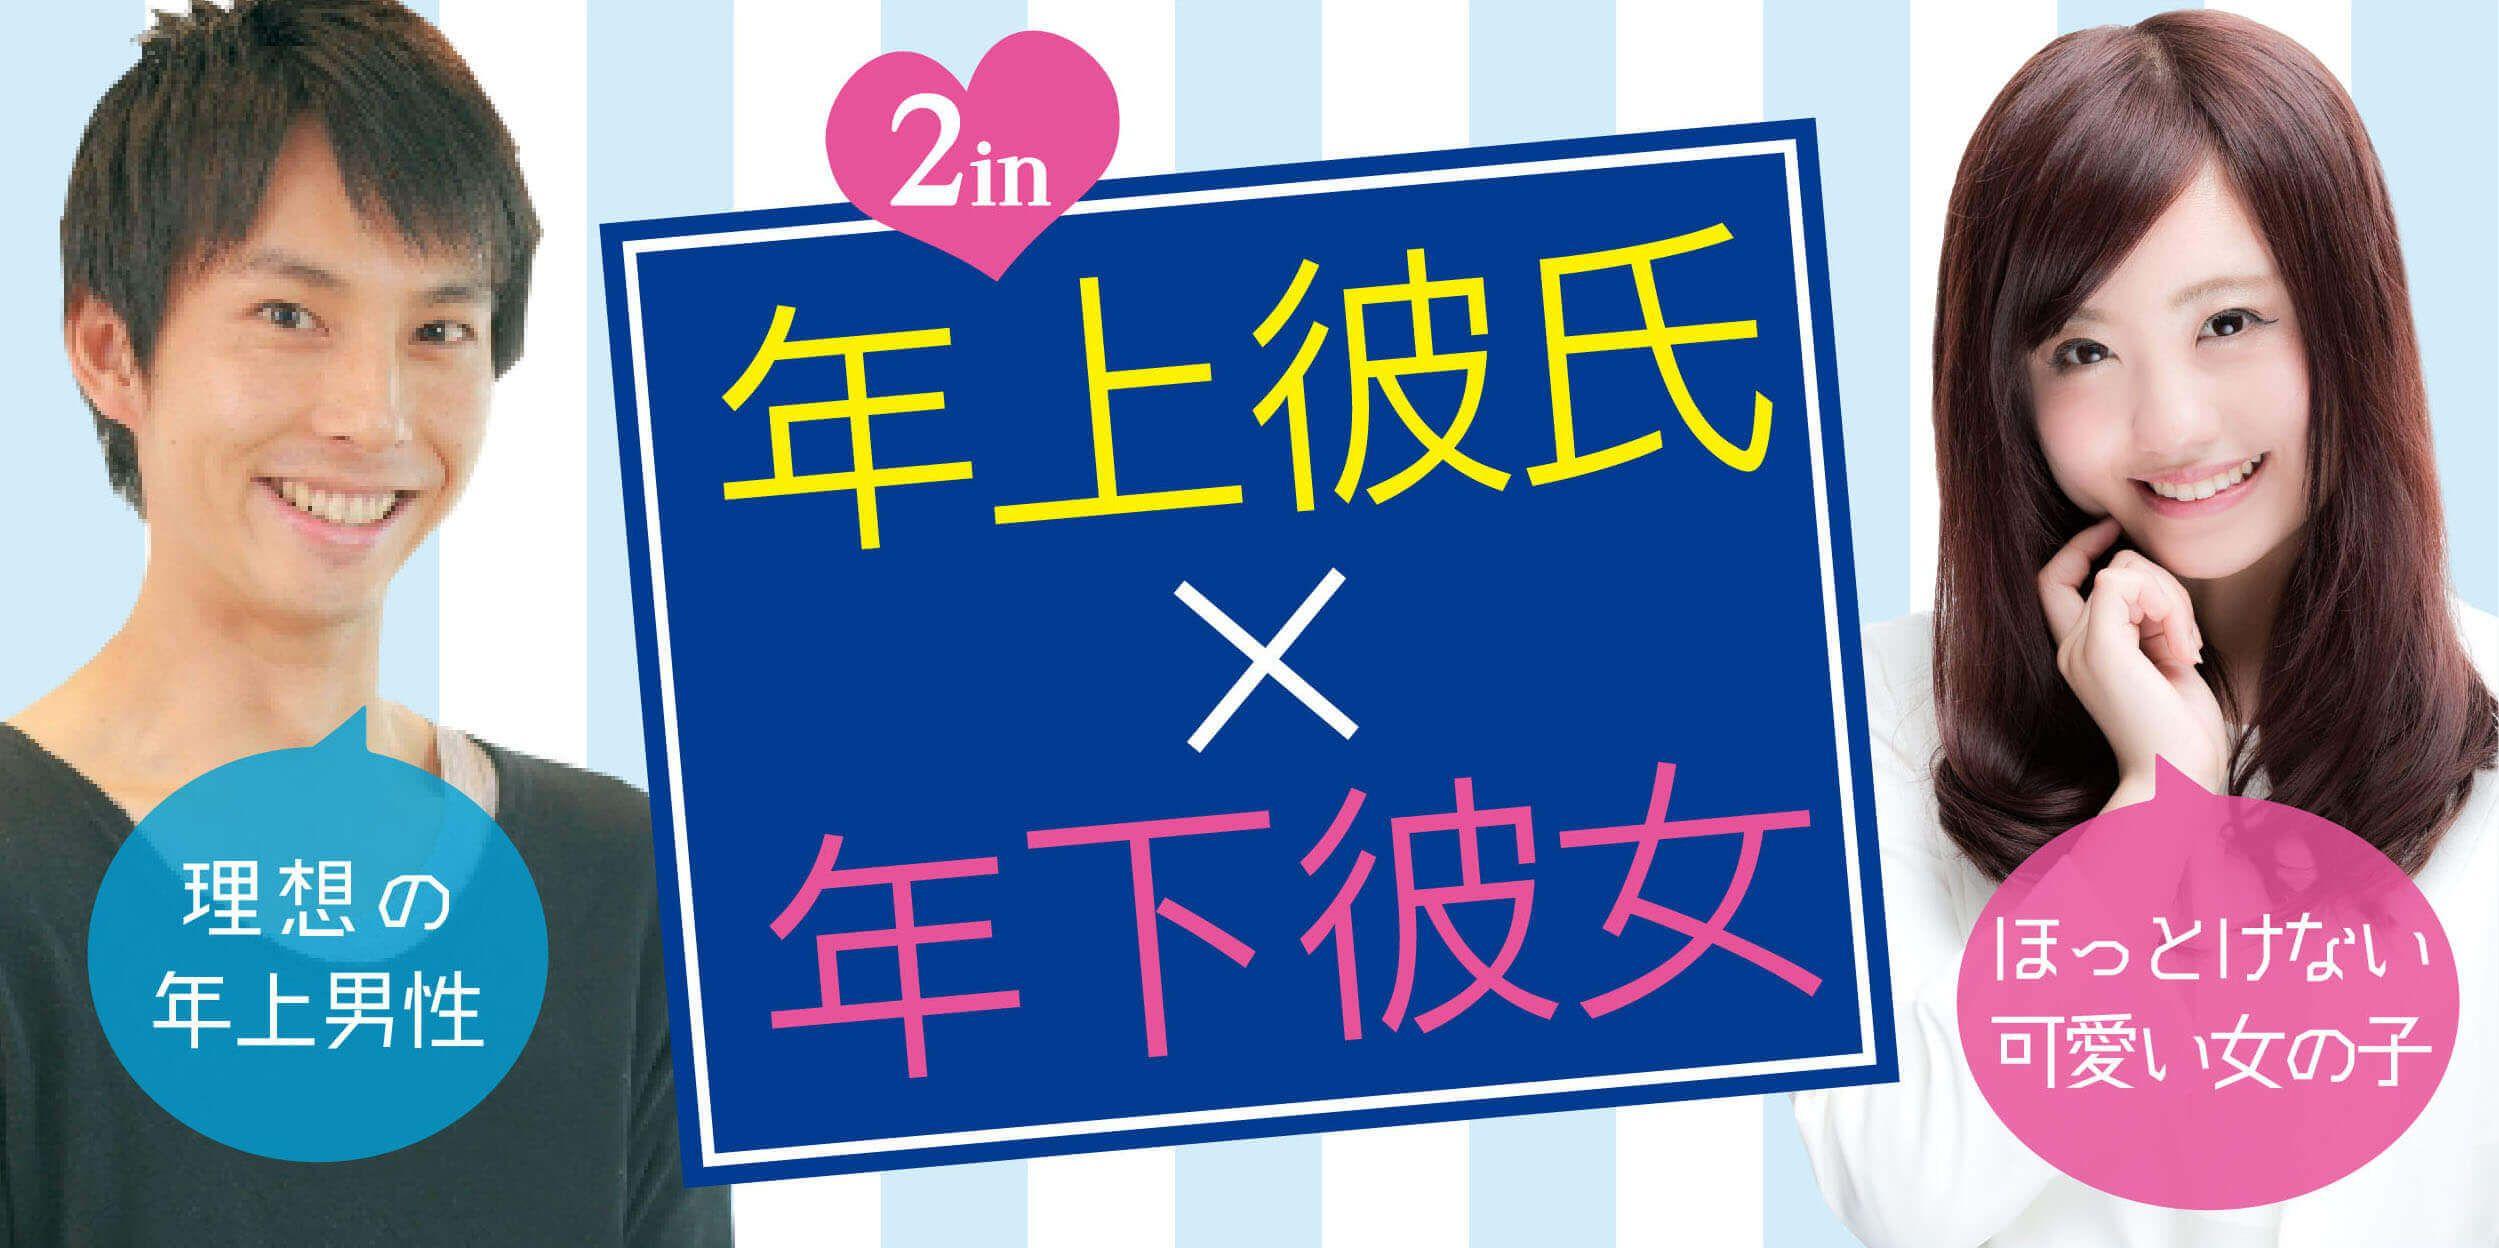 【岡山駅周辺のプチ街コン】合同会社ツイン主催 2016年12月28日